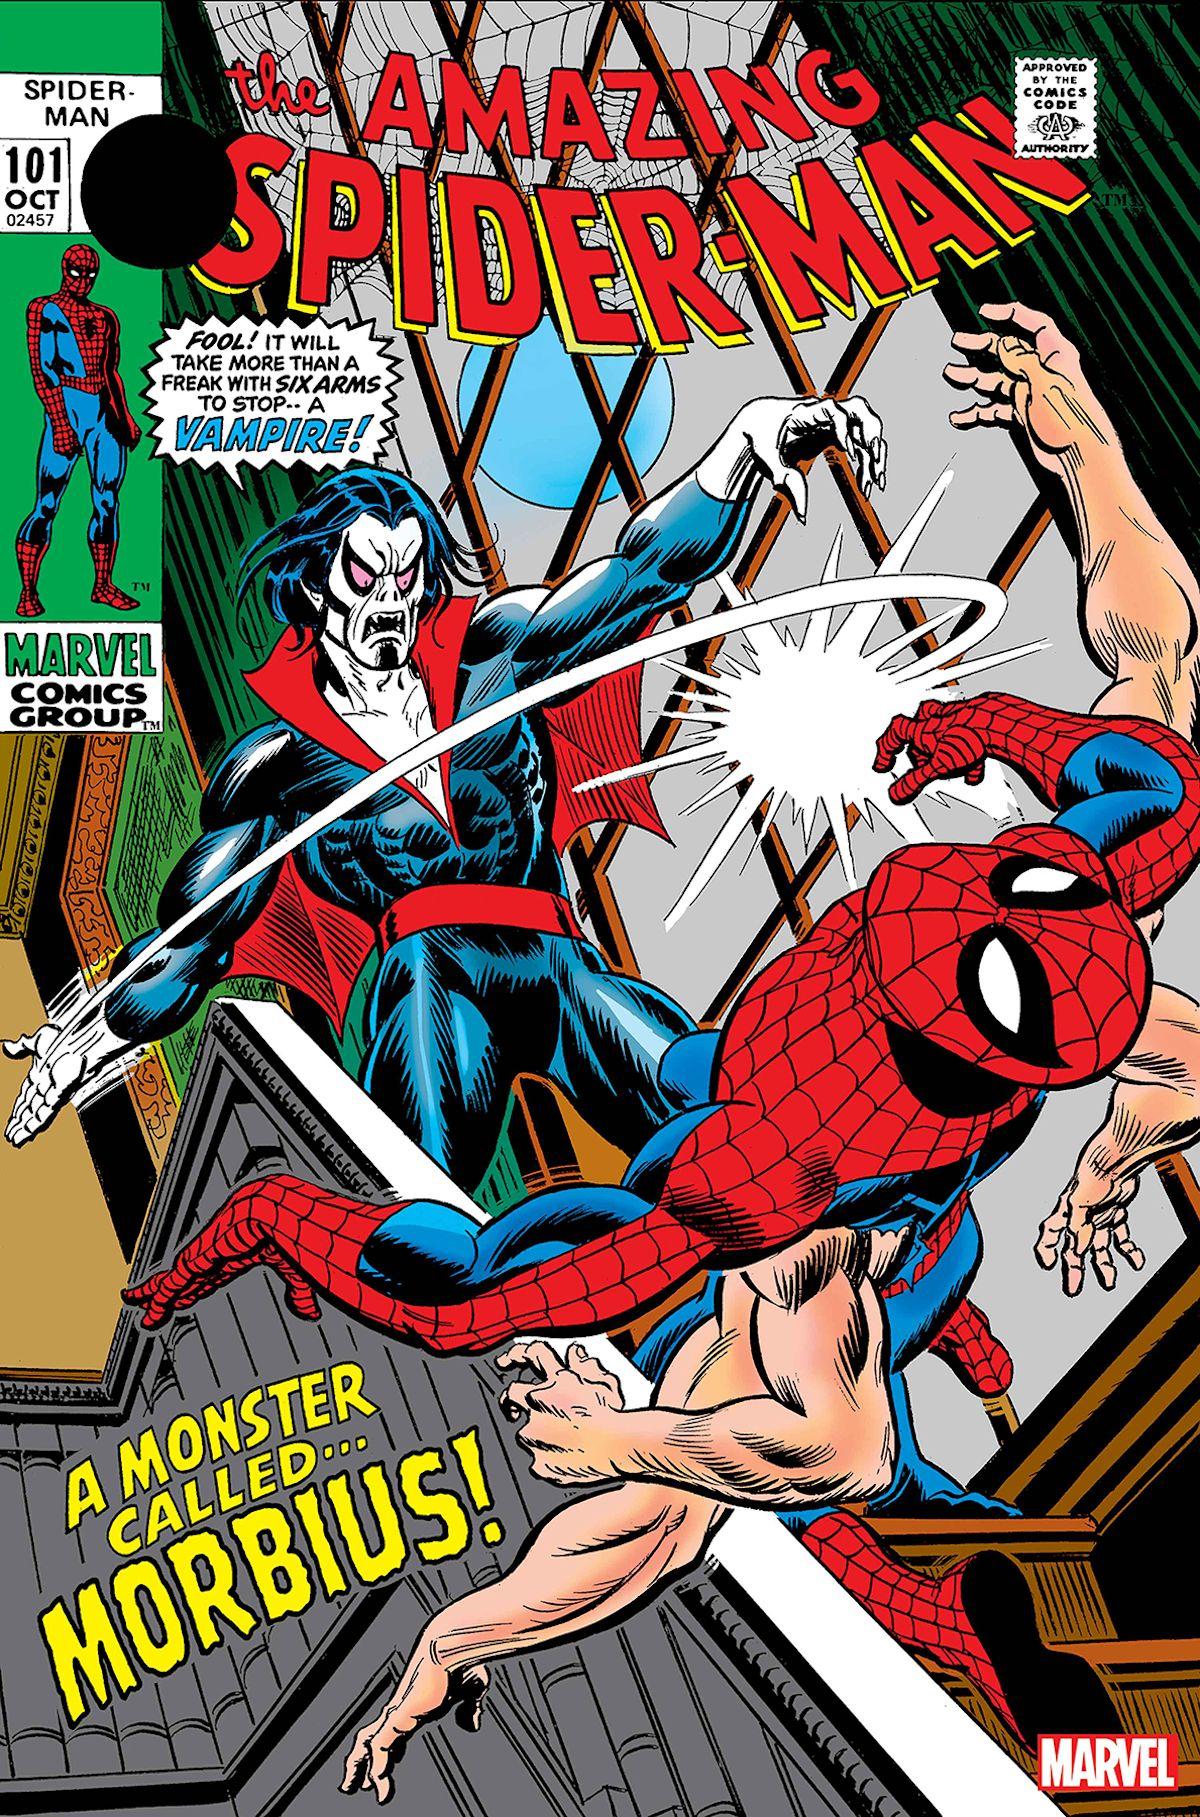 Amazing Spider-Man #101 Facsimile Edition